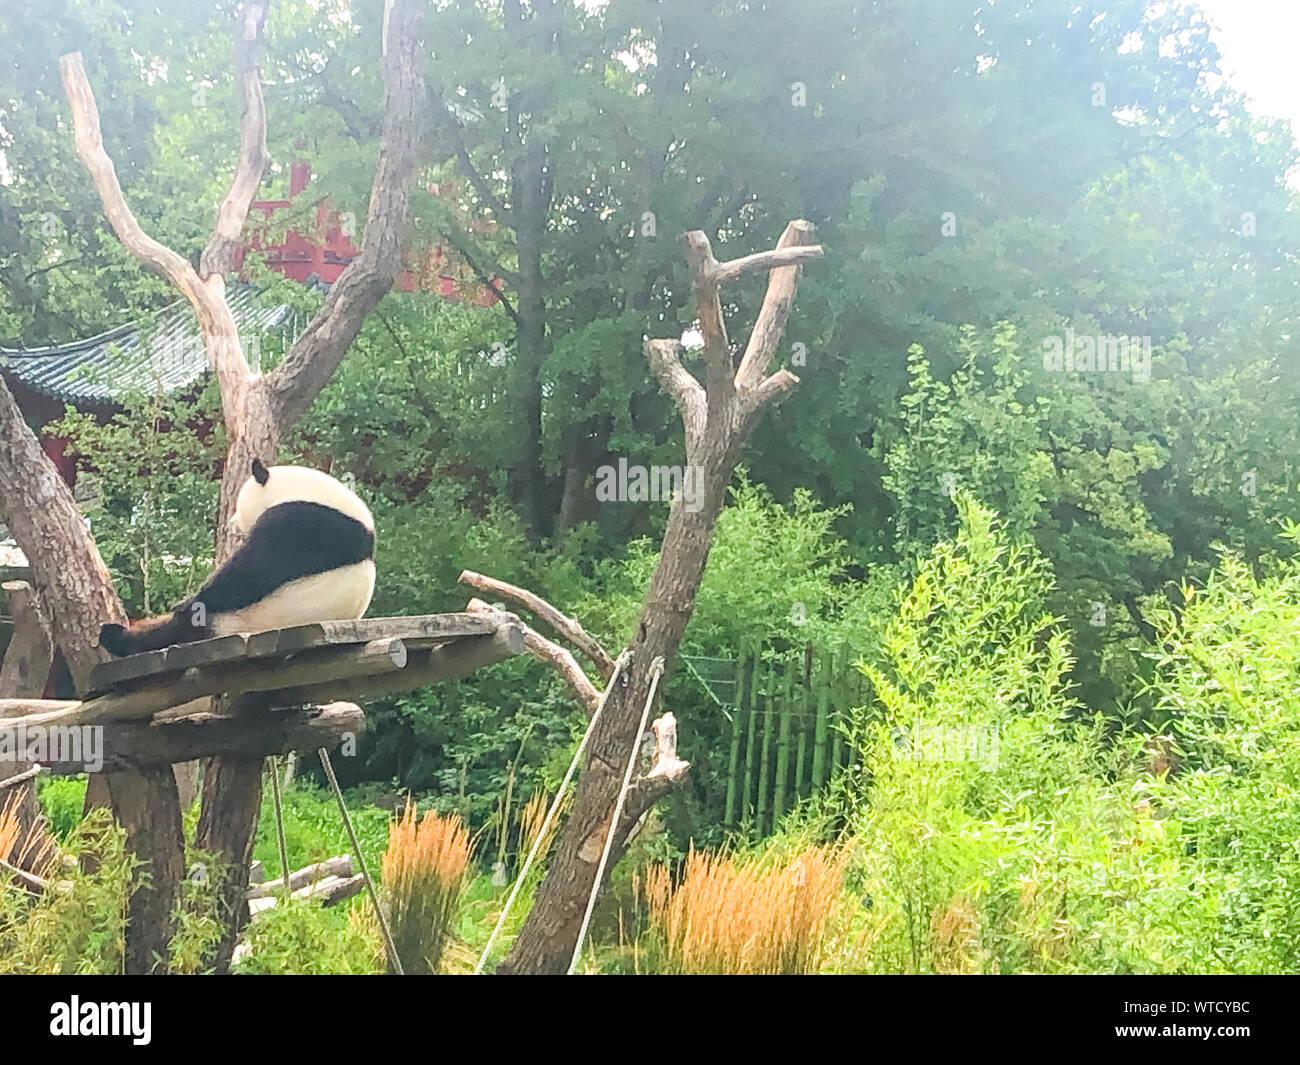 Very beautiful and cute panda bear walking in nature. Stock Photo